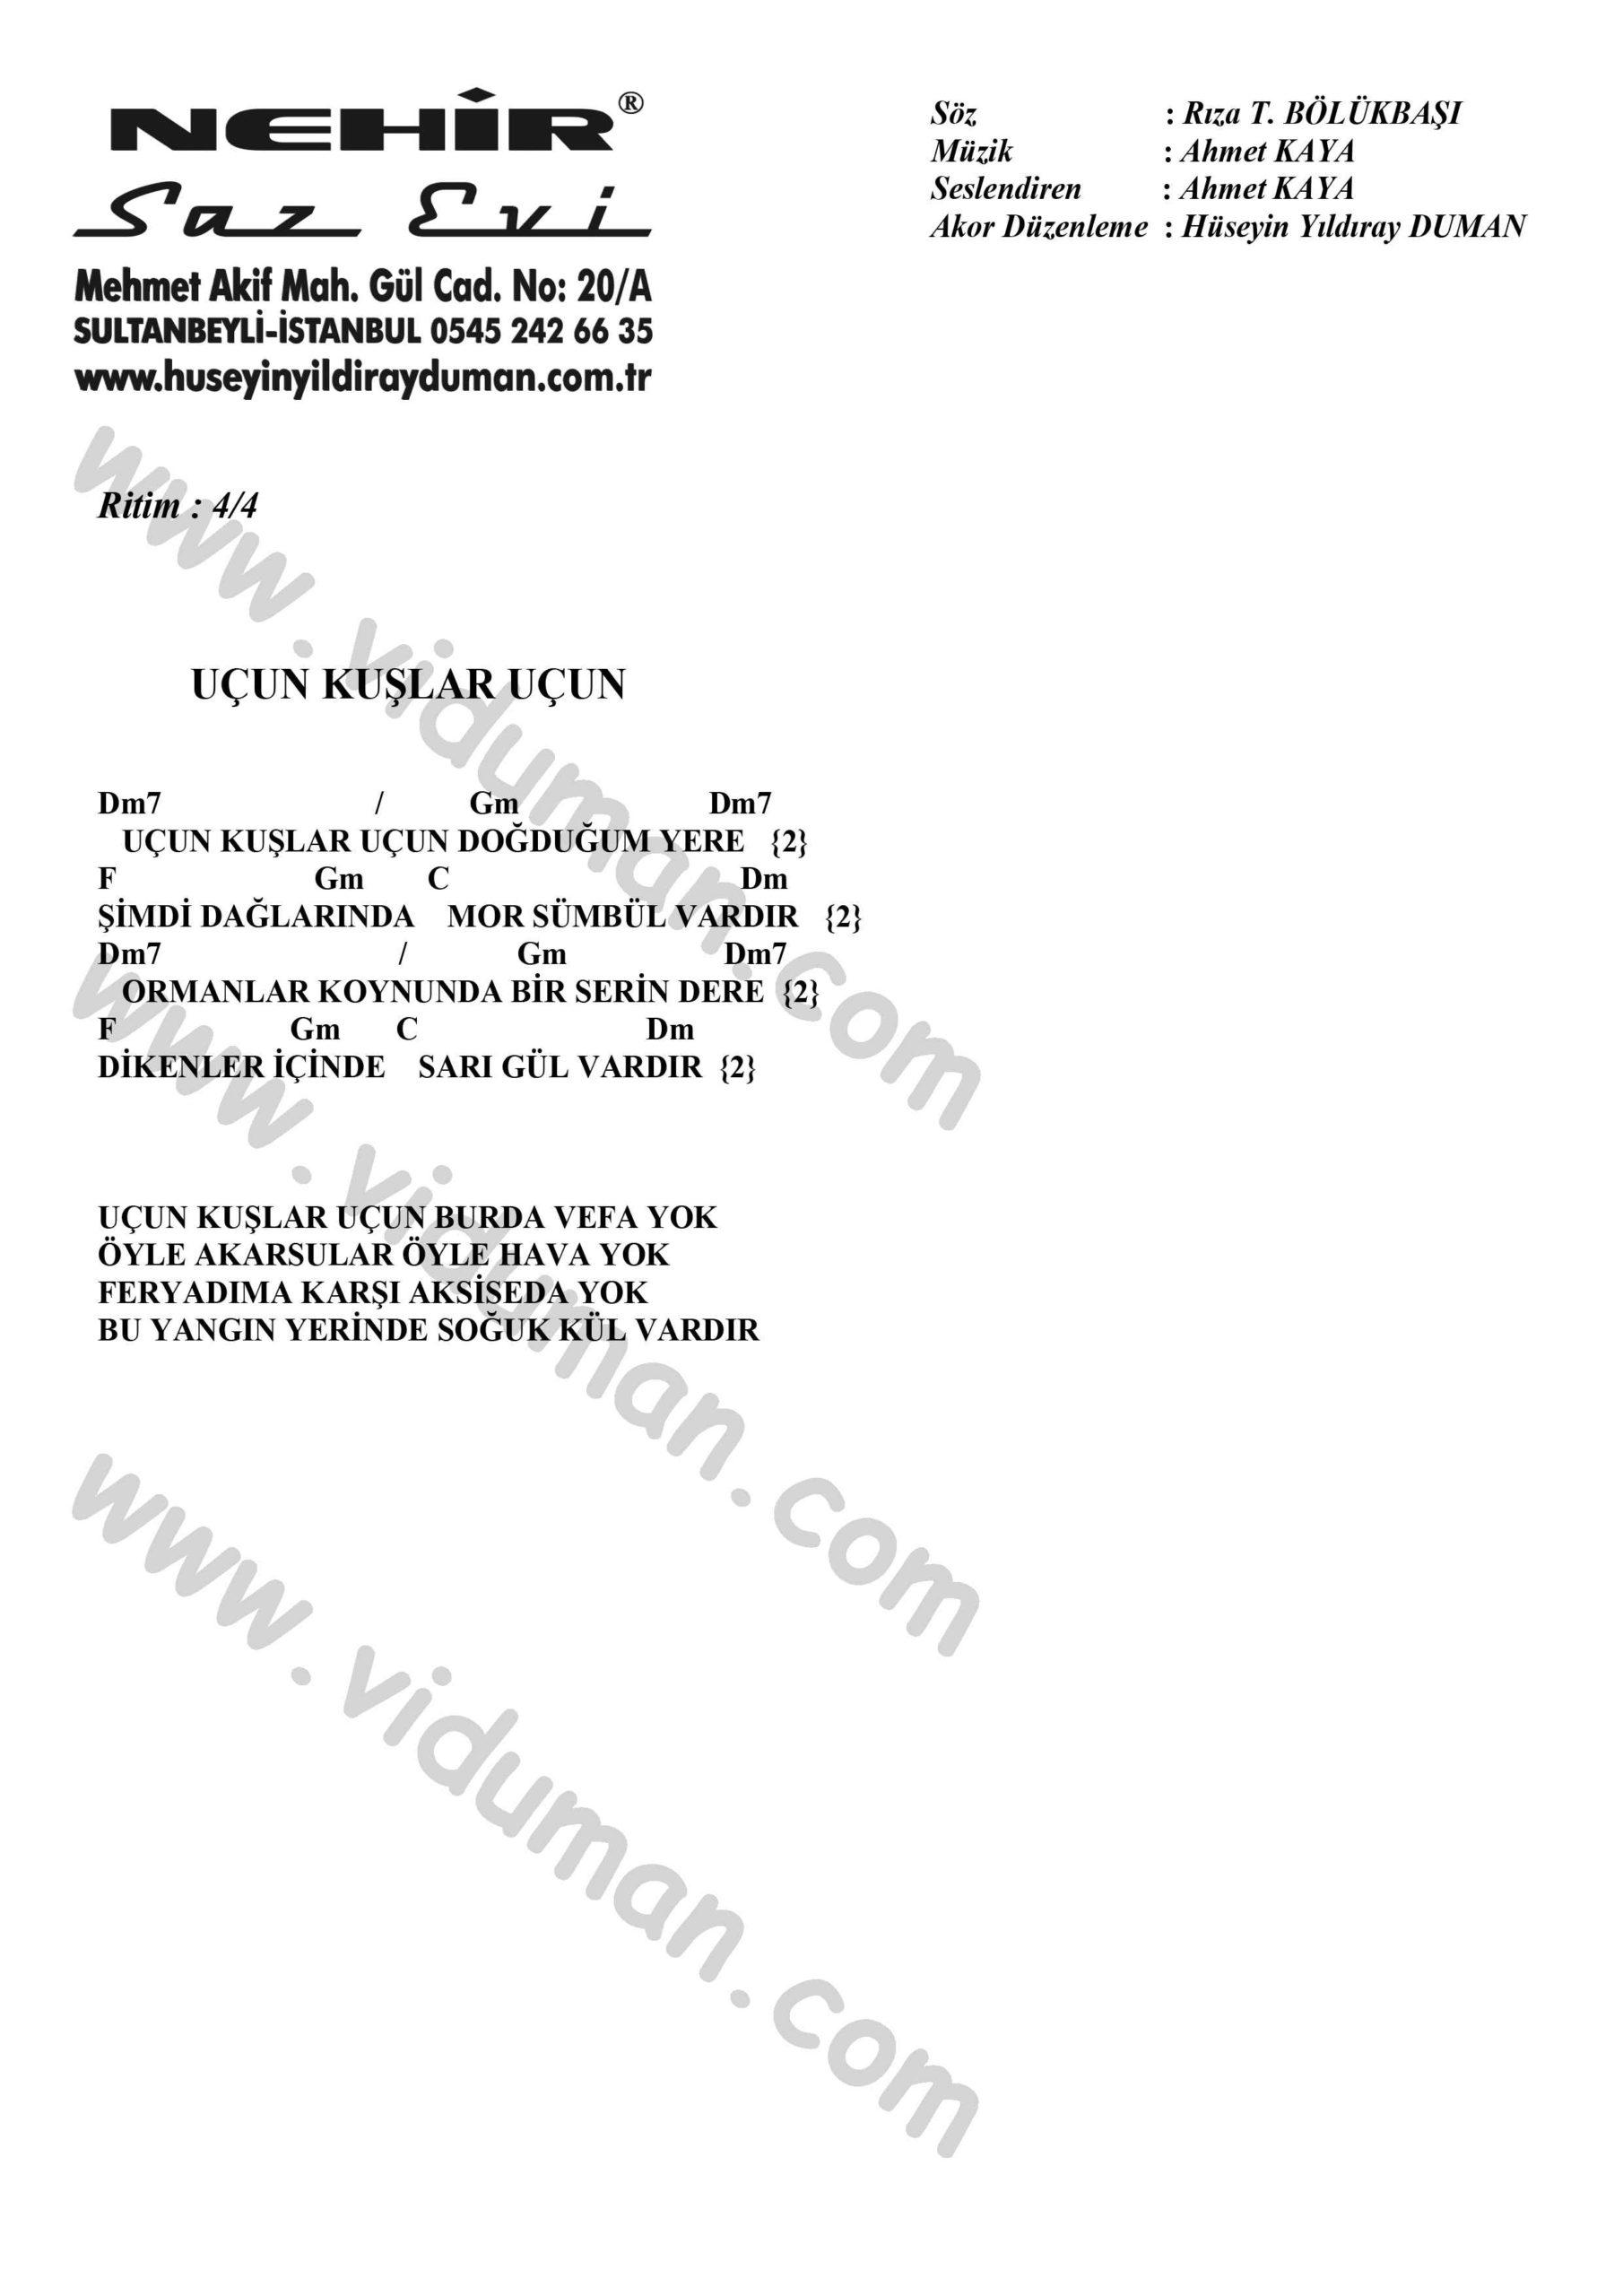 Ucun Kuslar Ucun-Ahmet Kaya-Ritim-Gitar-Akorlari